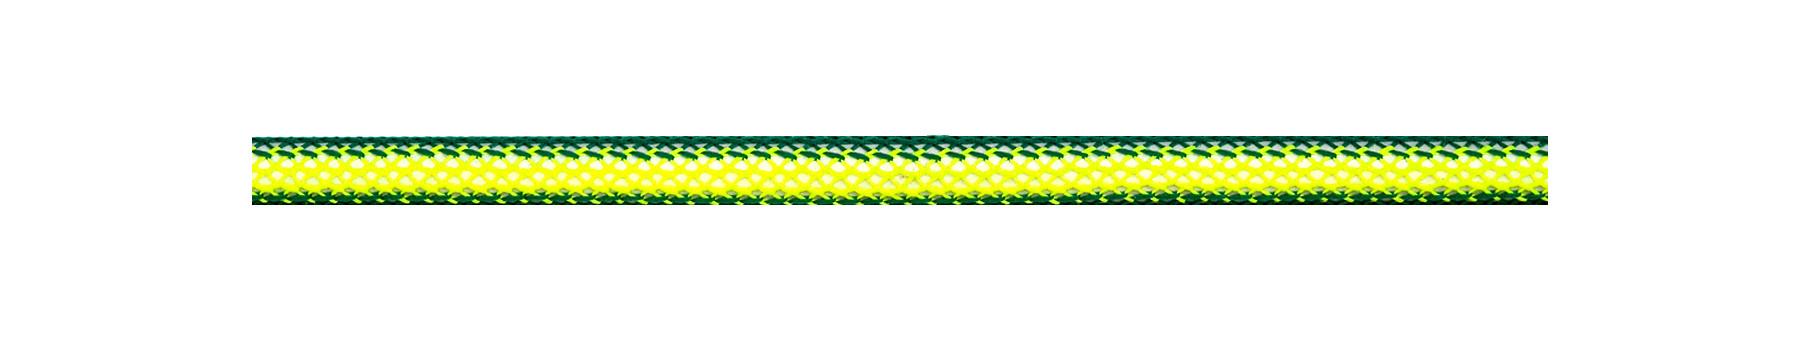 Textilkabel Grün/Gelb Netzartiger Textilmantel